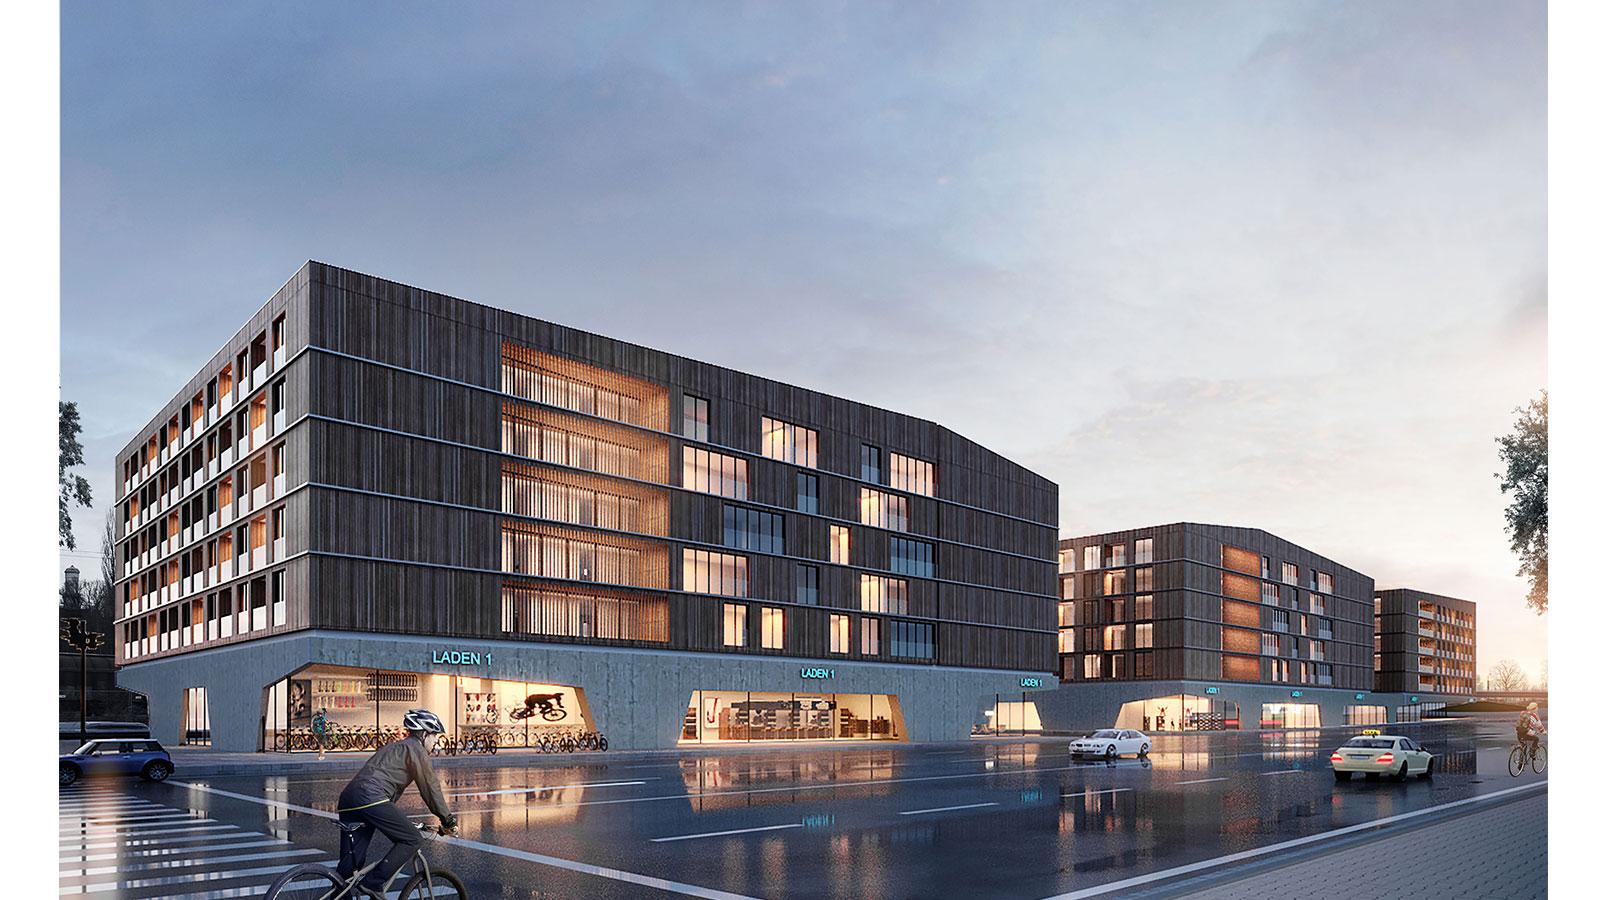 bahnhofsareal-nord-rosenheim-babauungskonzept-visualisierung-aussen-nacht